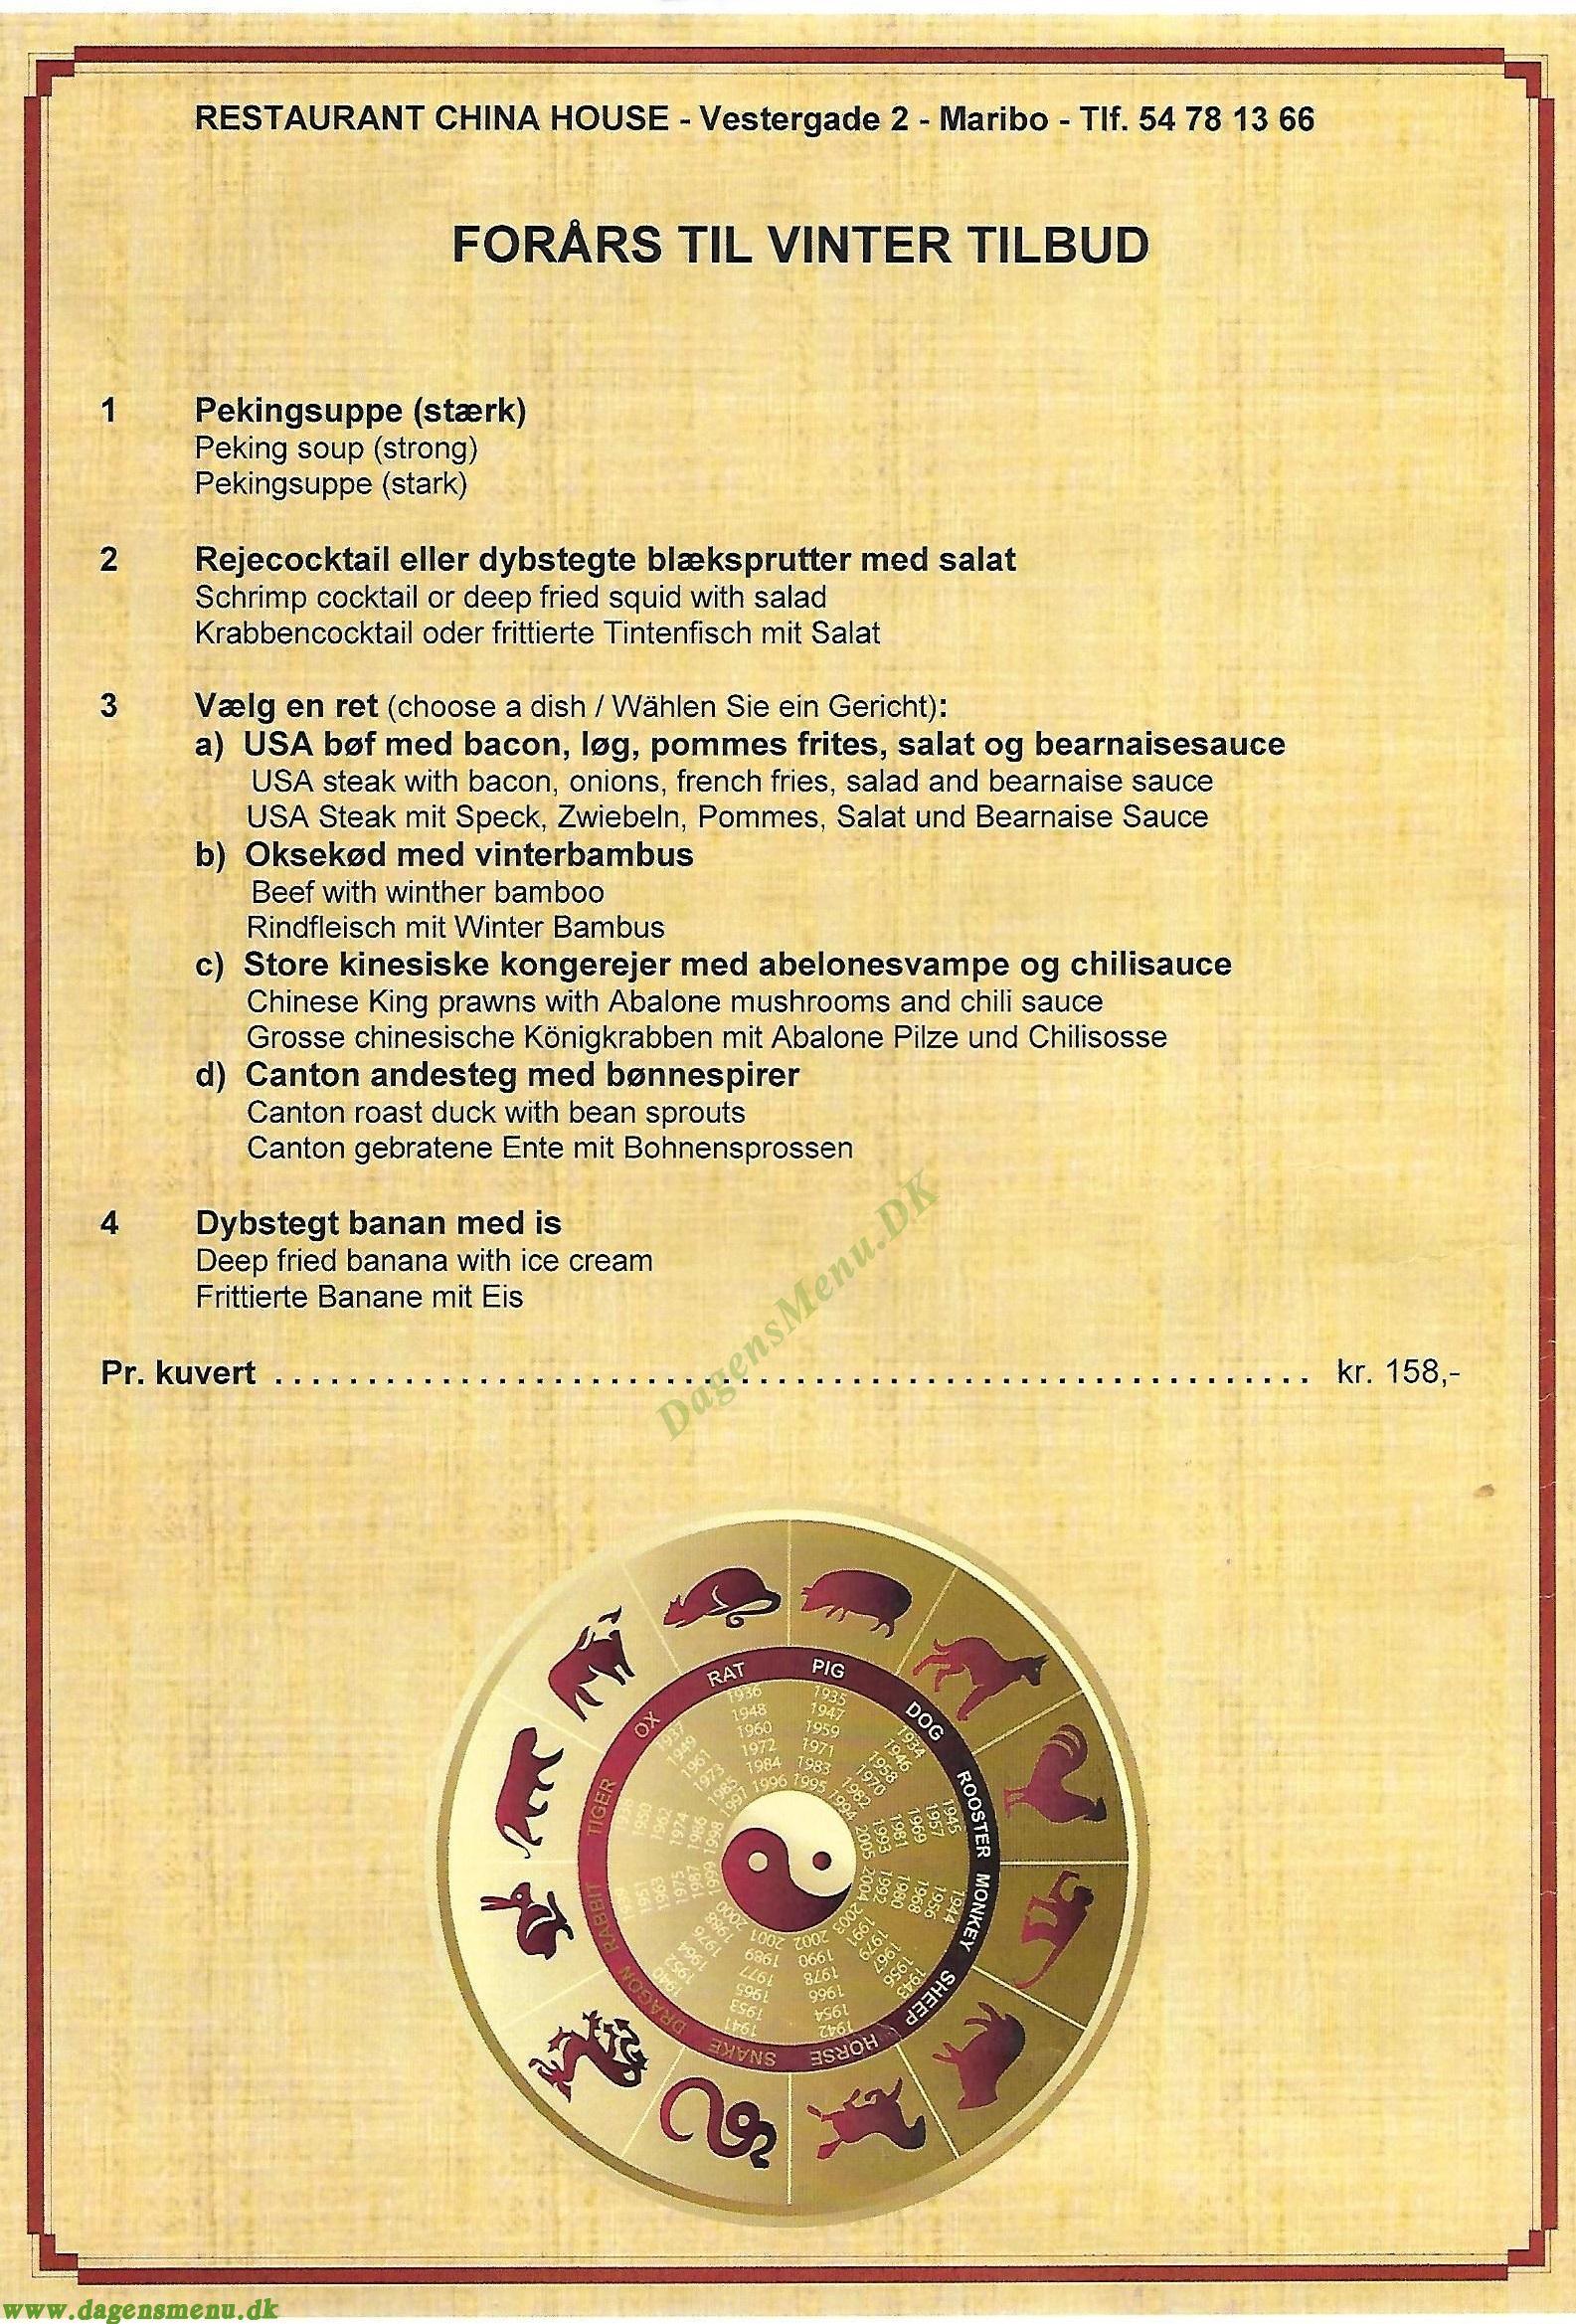 Restaurant China House - Menukort